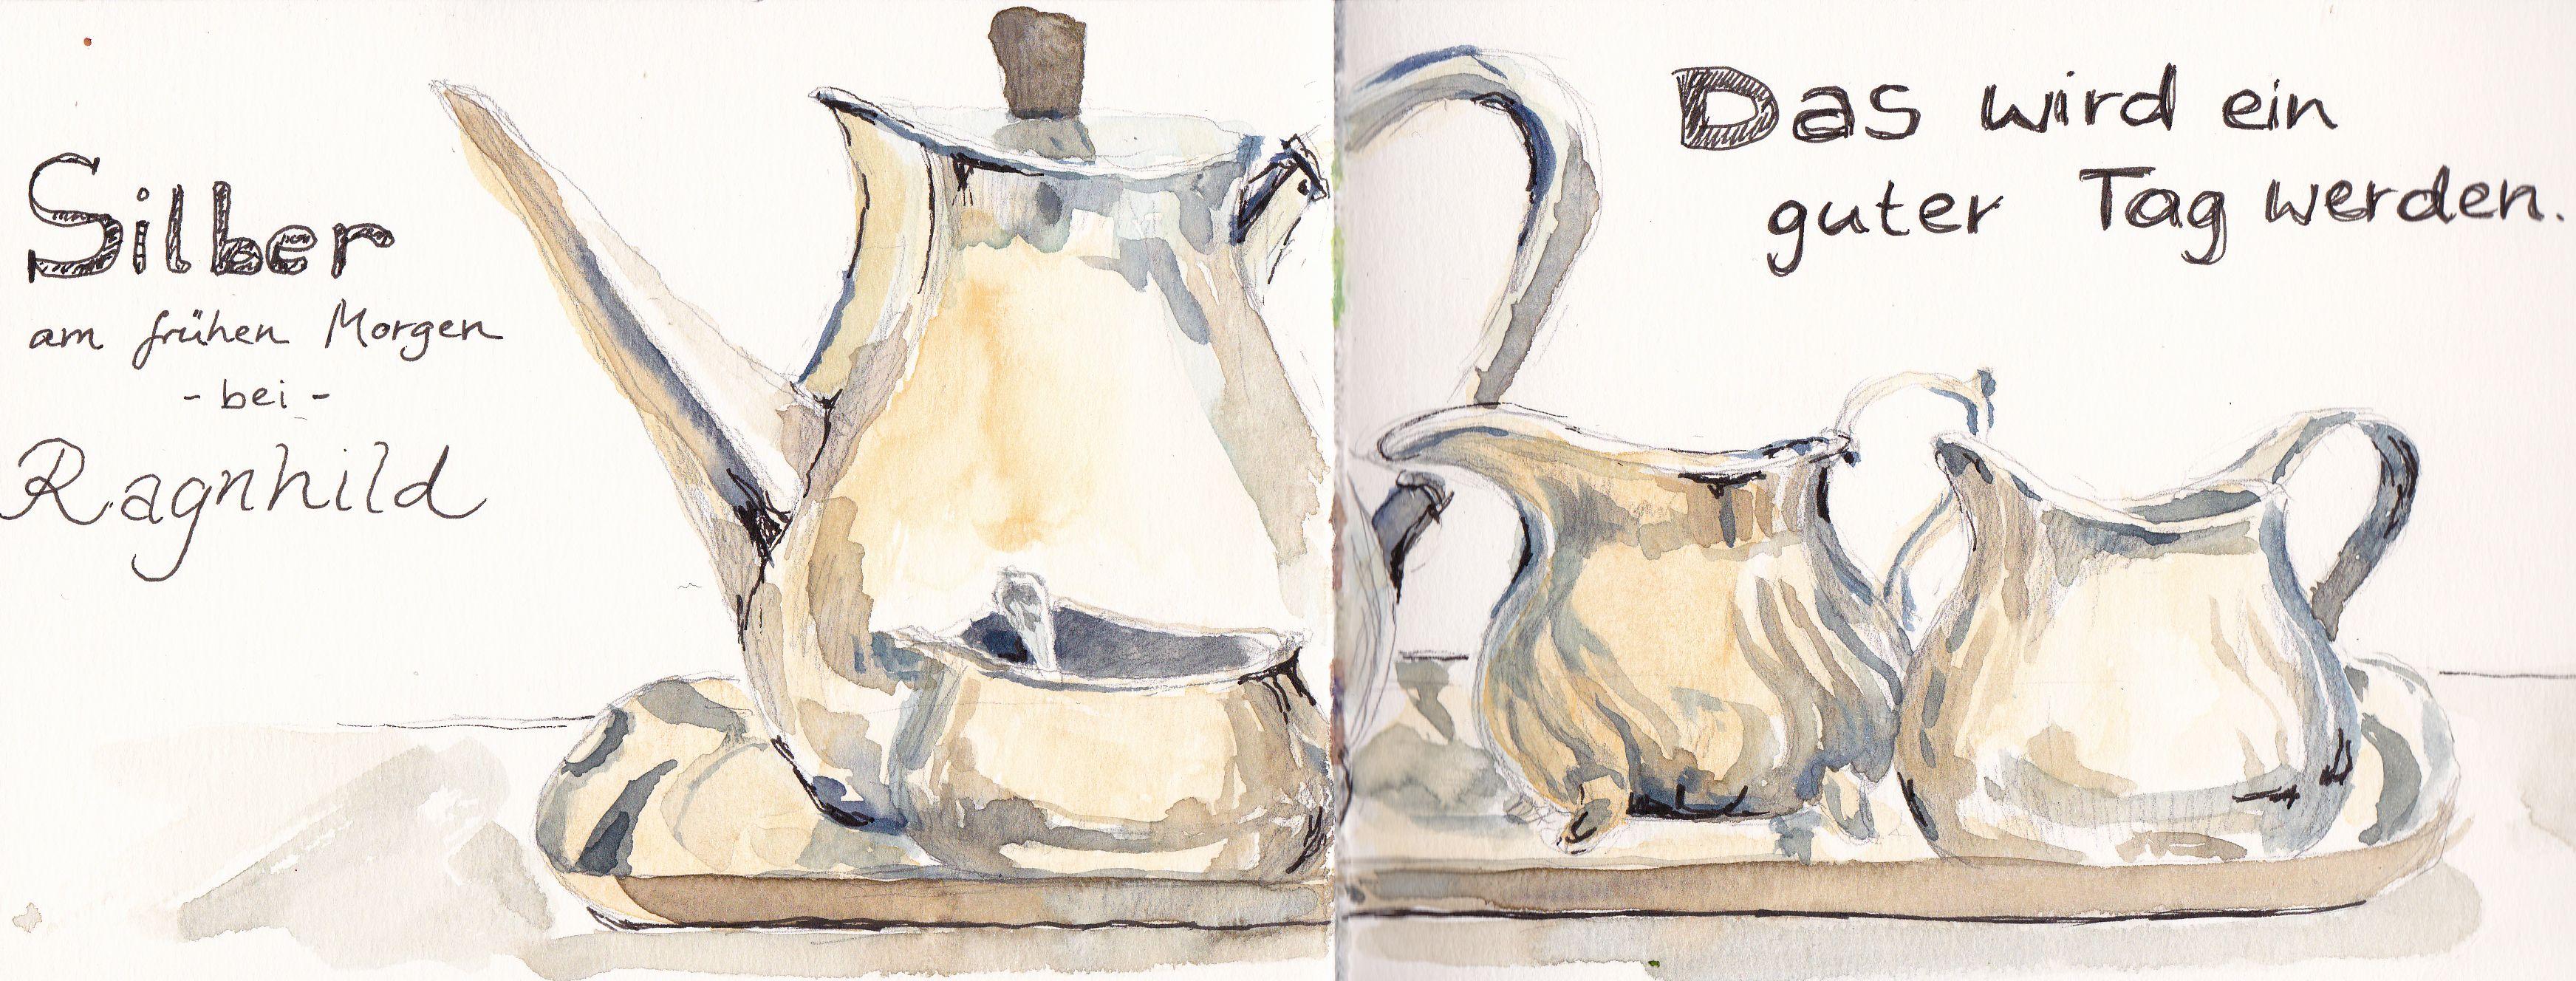 Silver tea service | Silbernes Teegeschirr